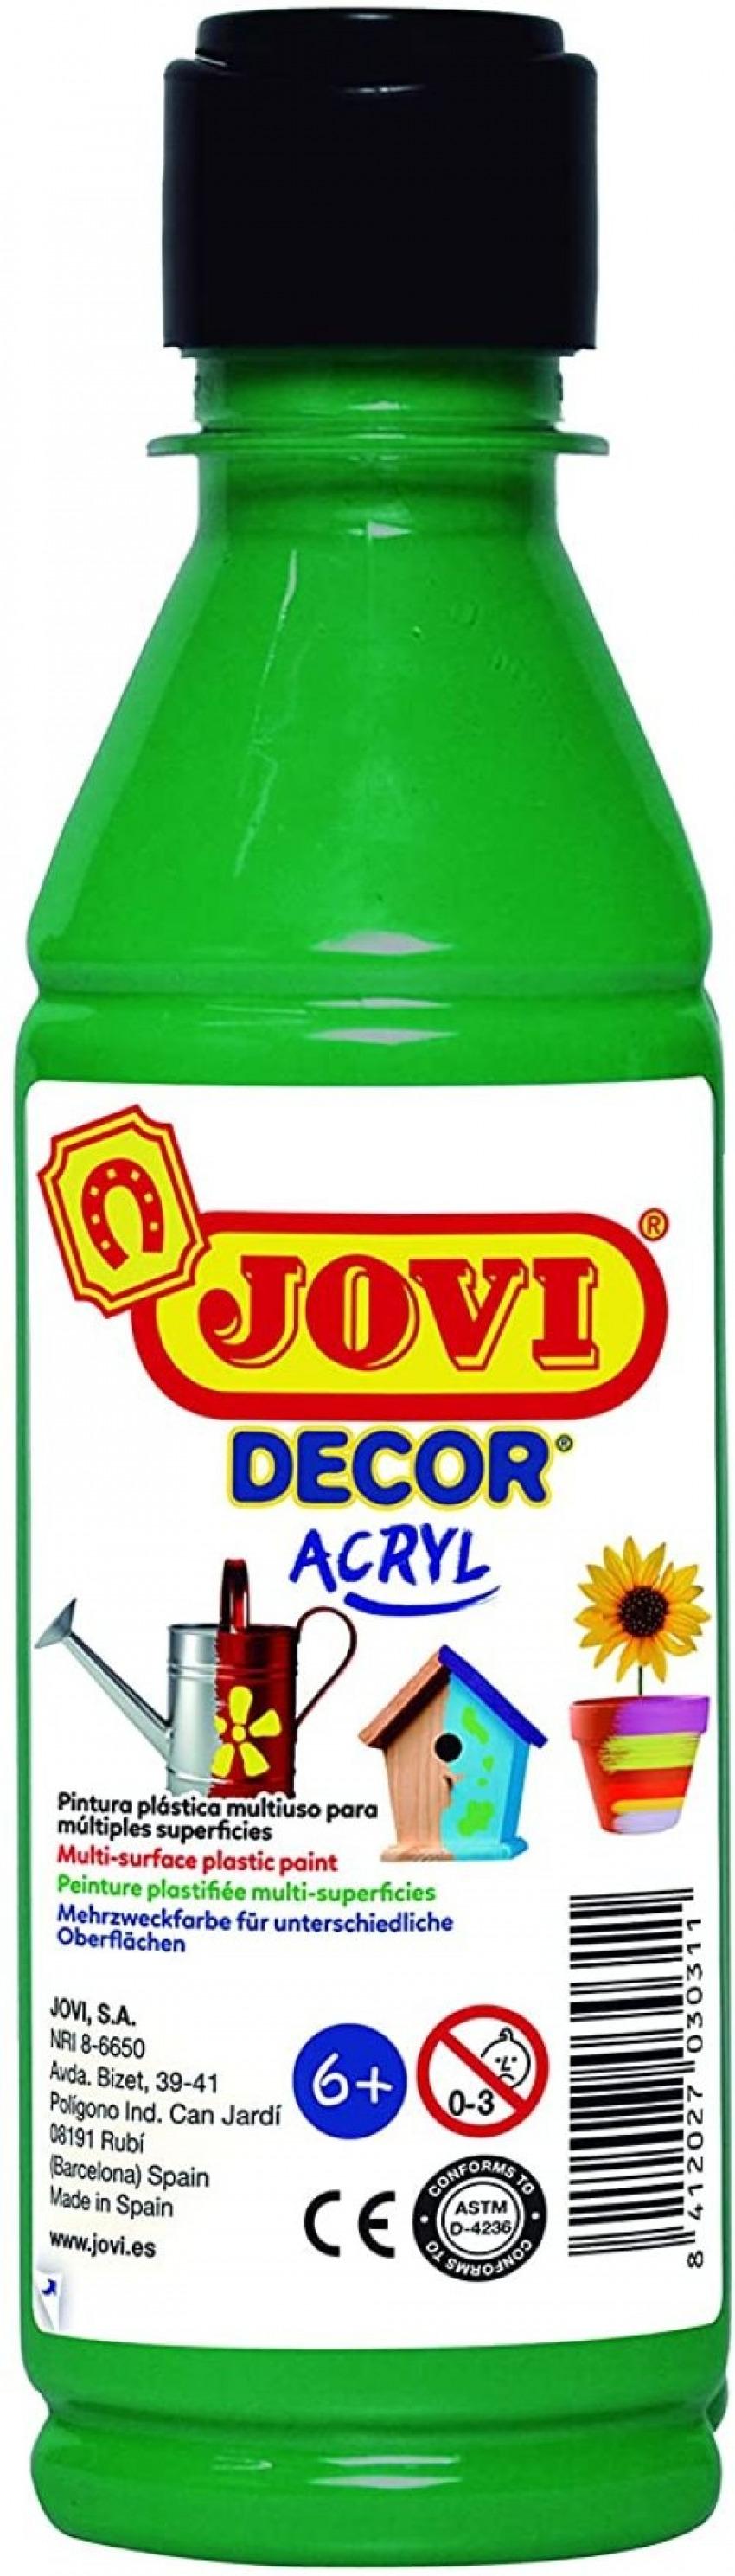 BOTE PINTURA JOVIDECOR ACRYL VERDE OSCURO 250ML 8412027024440